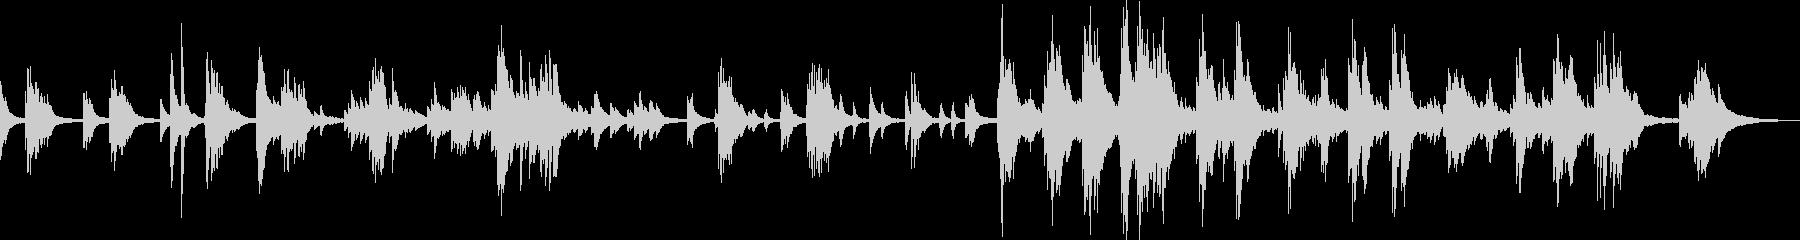 悲しい・切ないピアノバラードの未再生の波形